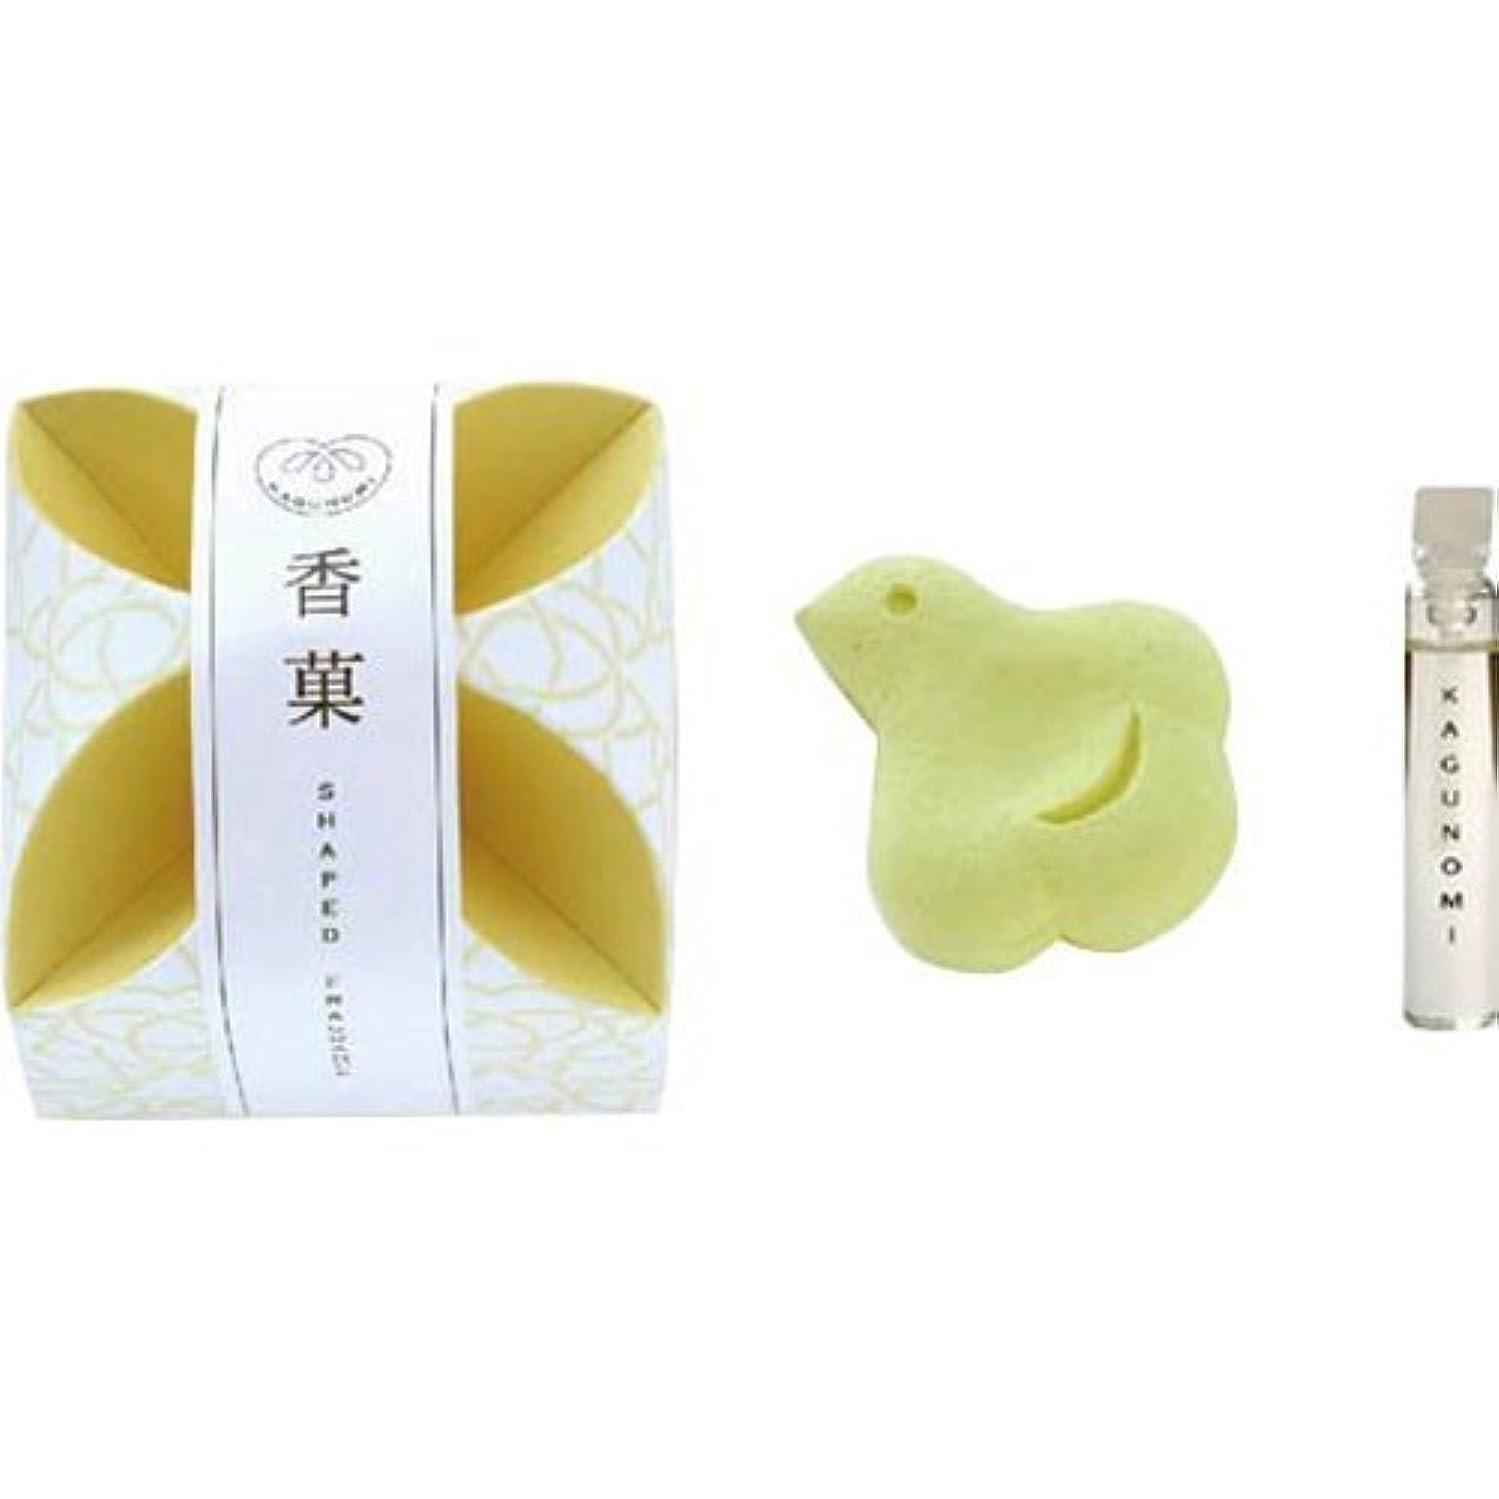 揺れる熱望するスリップシューズ香菓 ちどり形(黄色)1入 オイル付